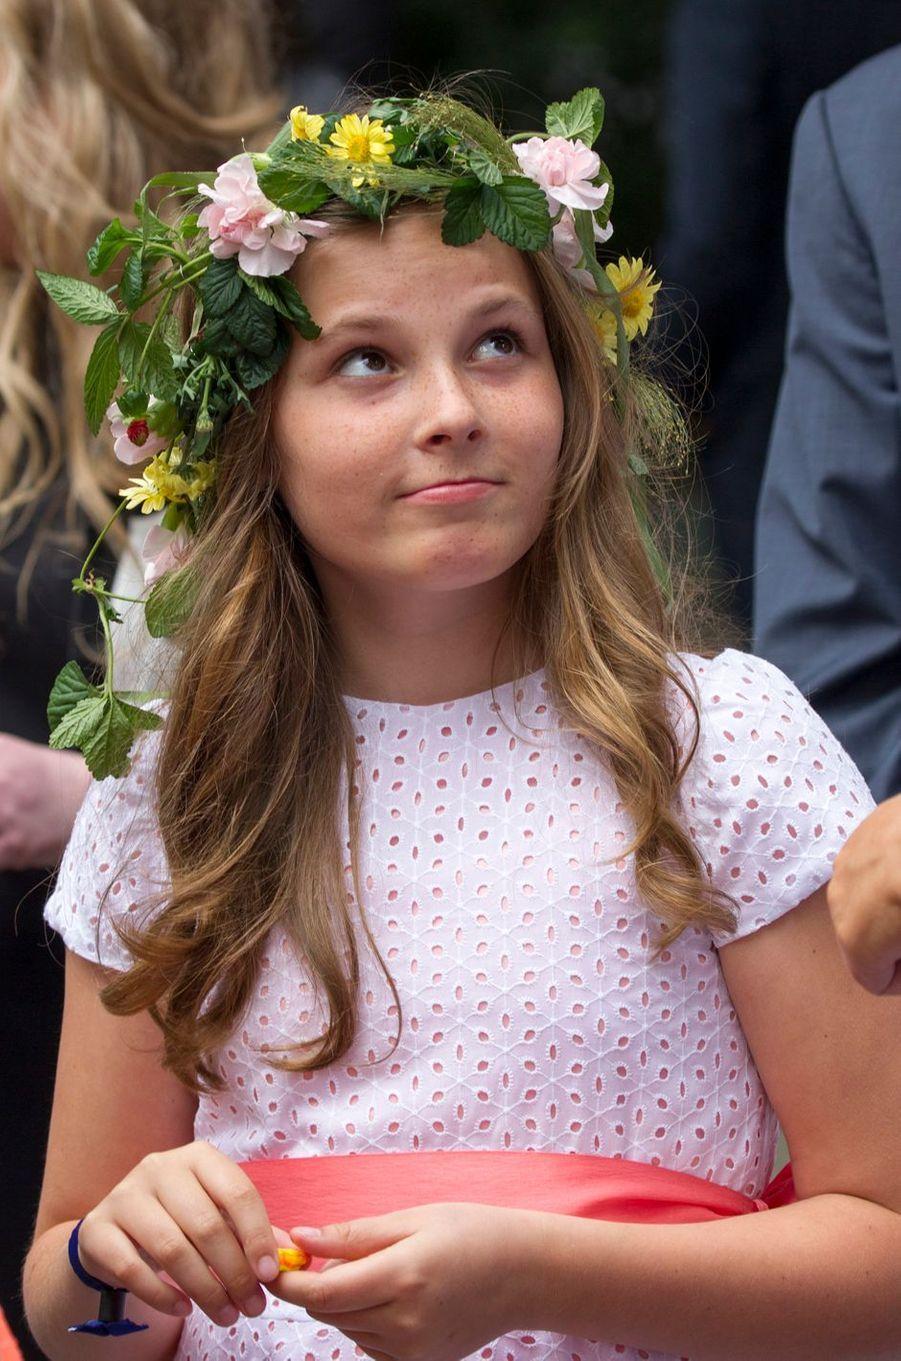 Ce jeudi 23 juin, toute la famille royale norvégienne encadrait le roi Harald V pour fêter ses 25 ans de règne sur le lieu de son sacre. L'occasion pour ces dames et demoiselles de se couronner de fleurs.